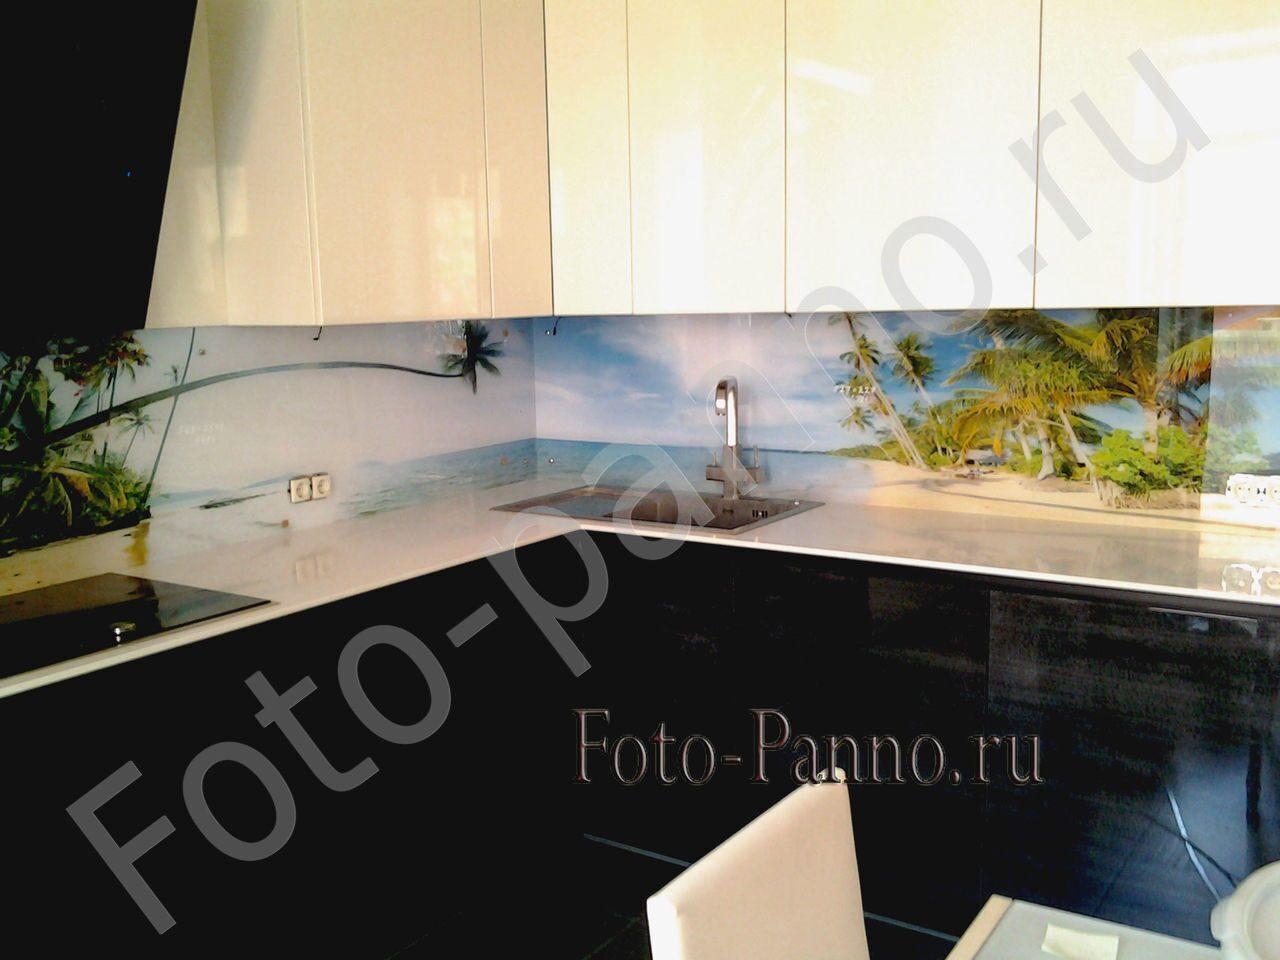 Фартук на кухню фото пляж